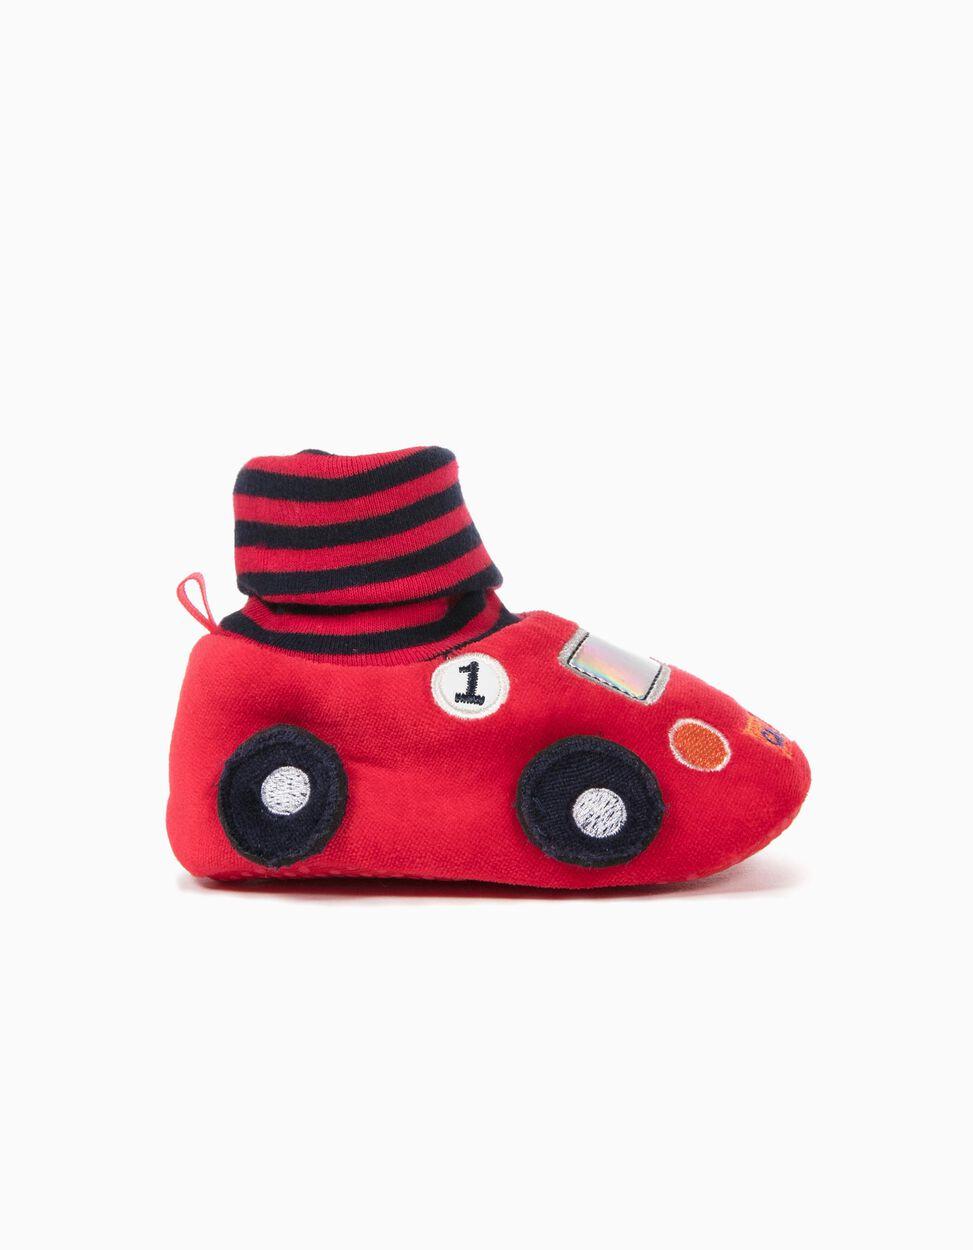 Pantufas Car 1